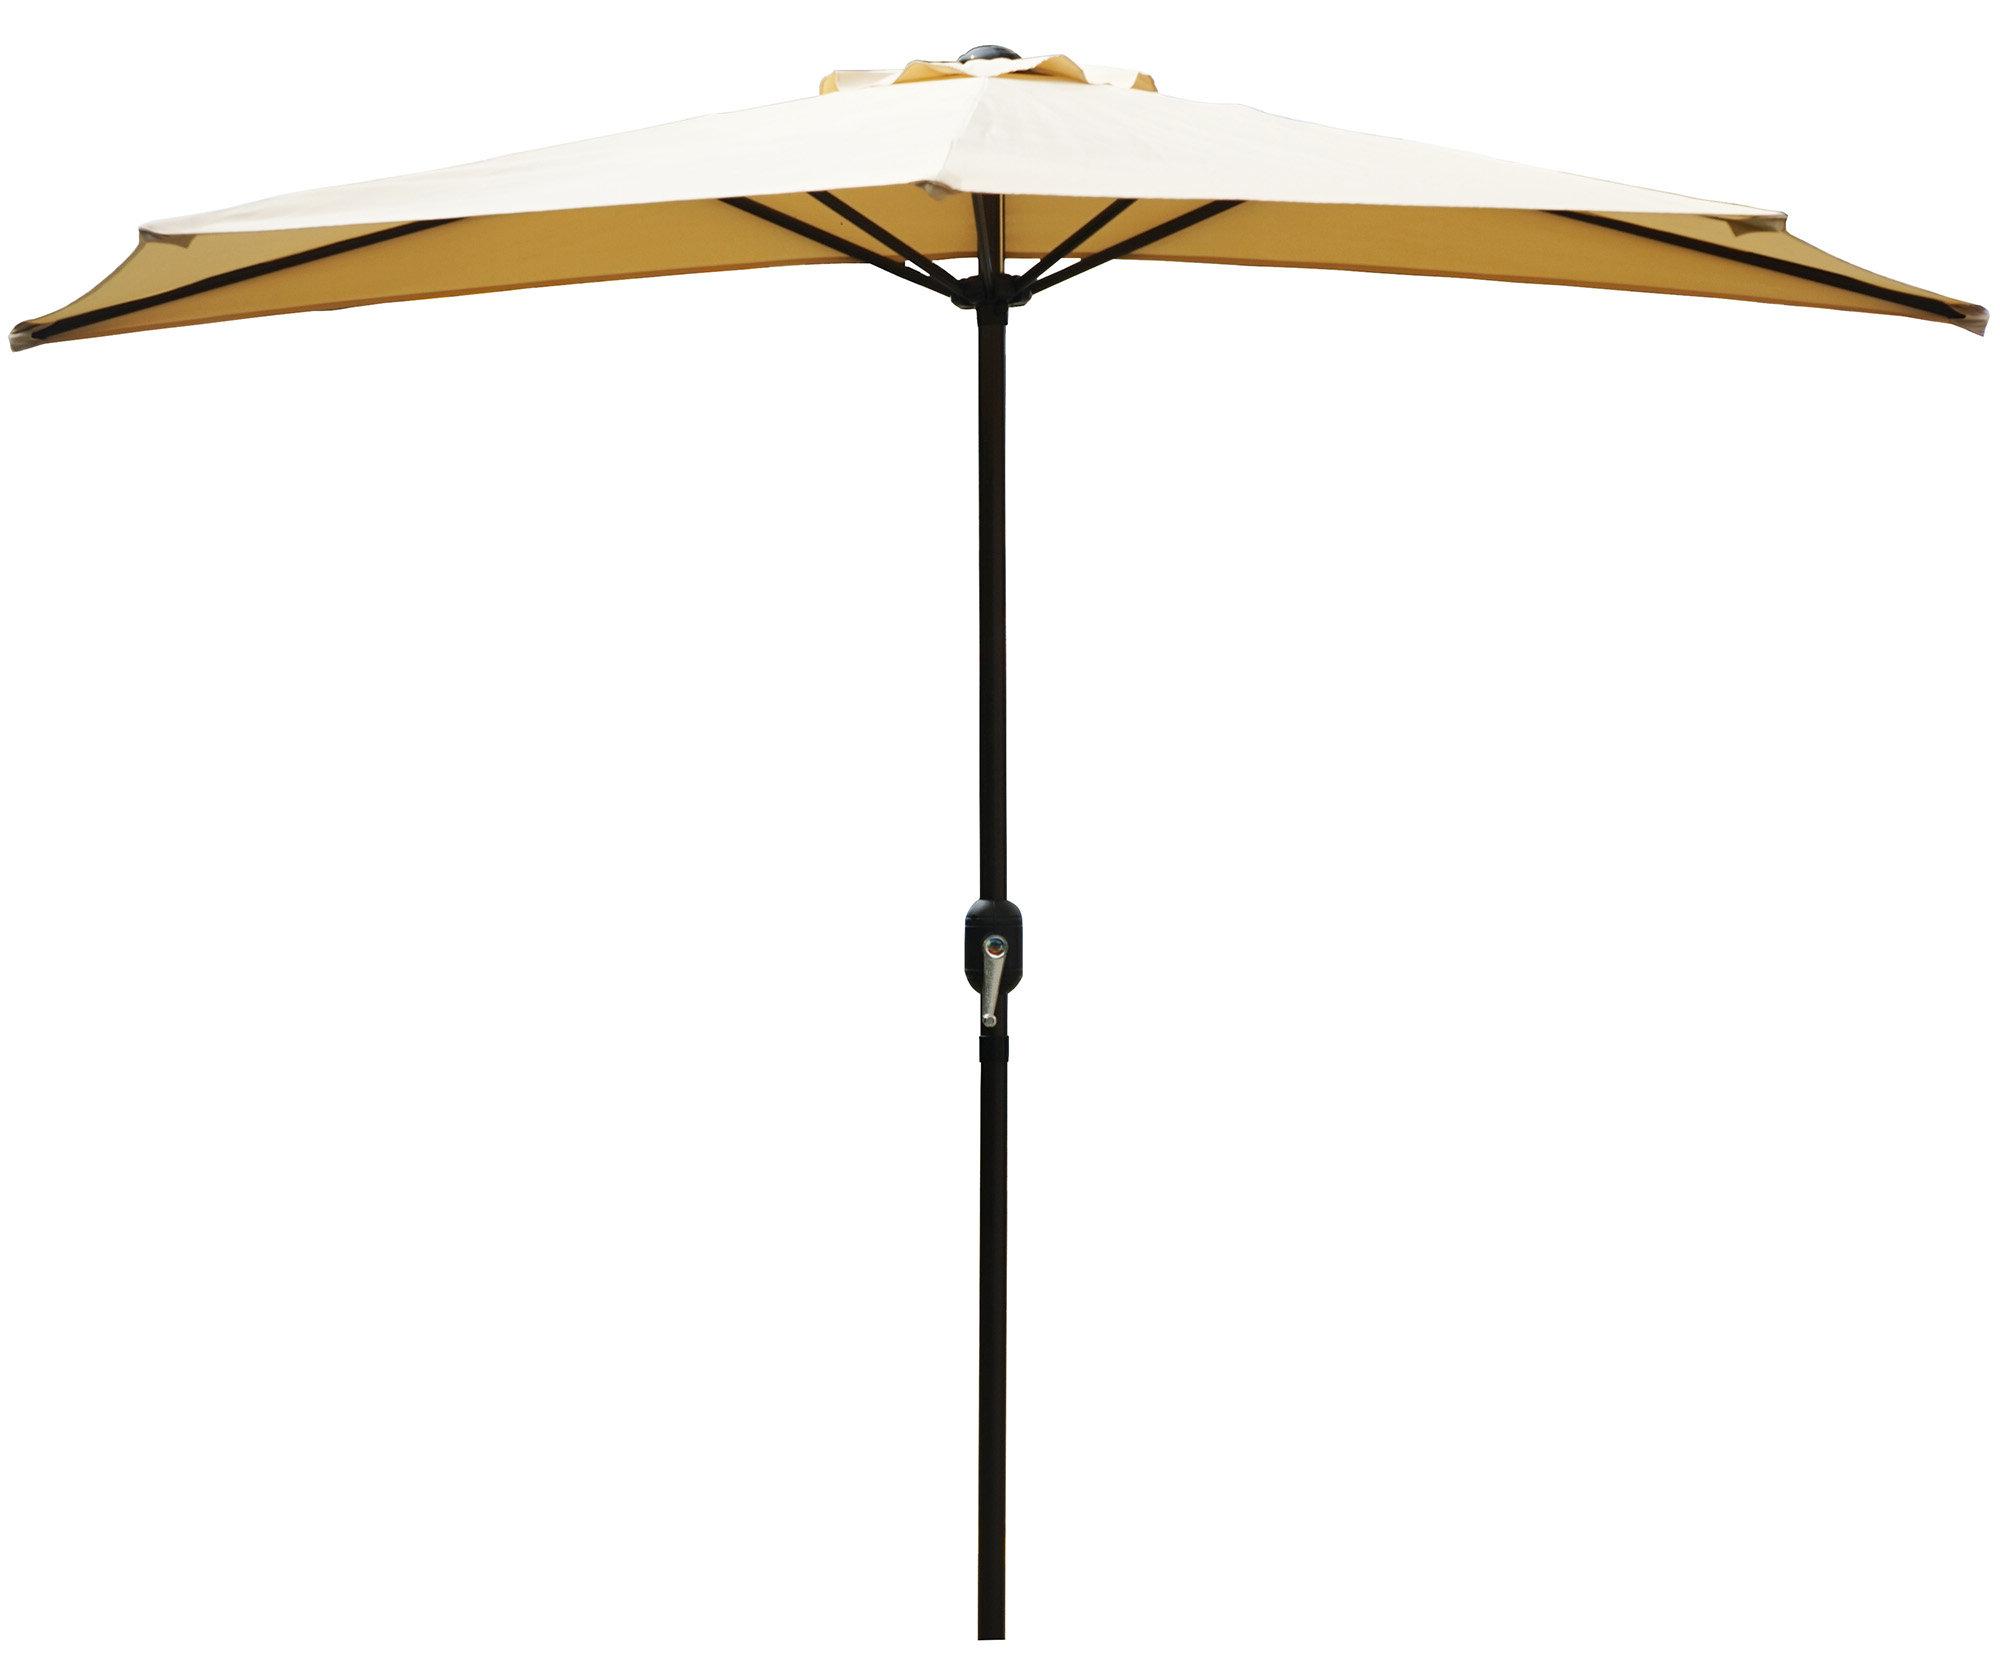 Trendy Colburn Half Market Umbrellas With Regard To Alder 9' Half Round Outdoor Patio Market Umbrella (View 17 of 20)